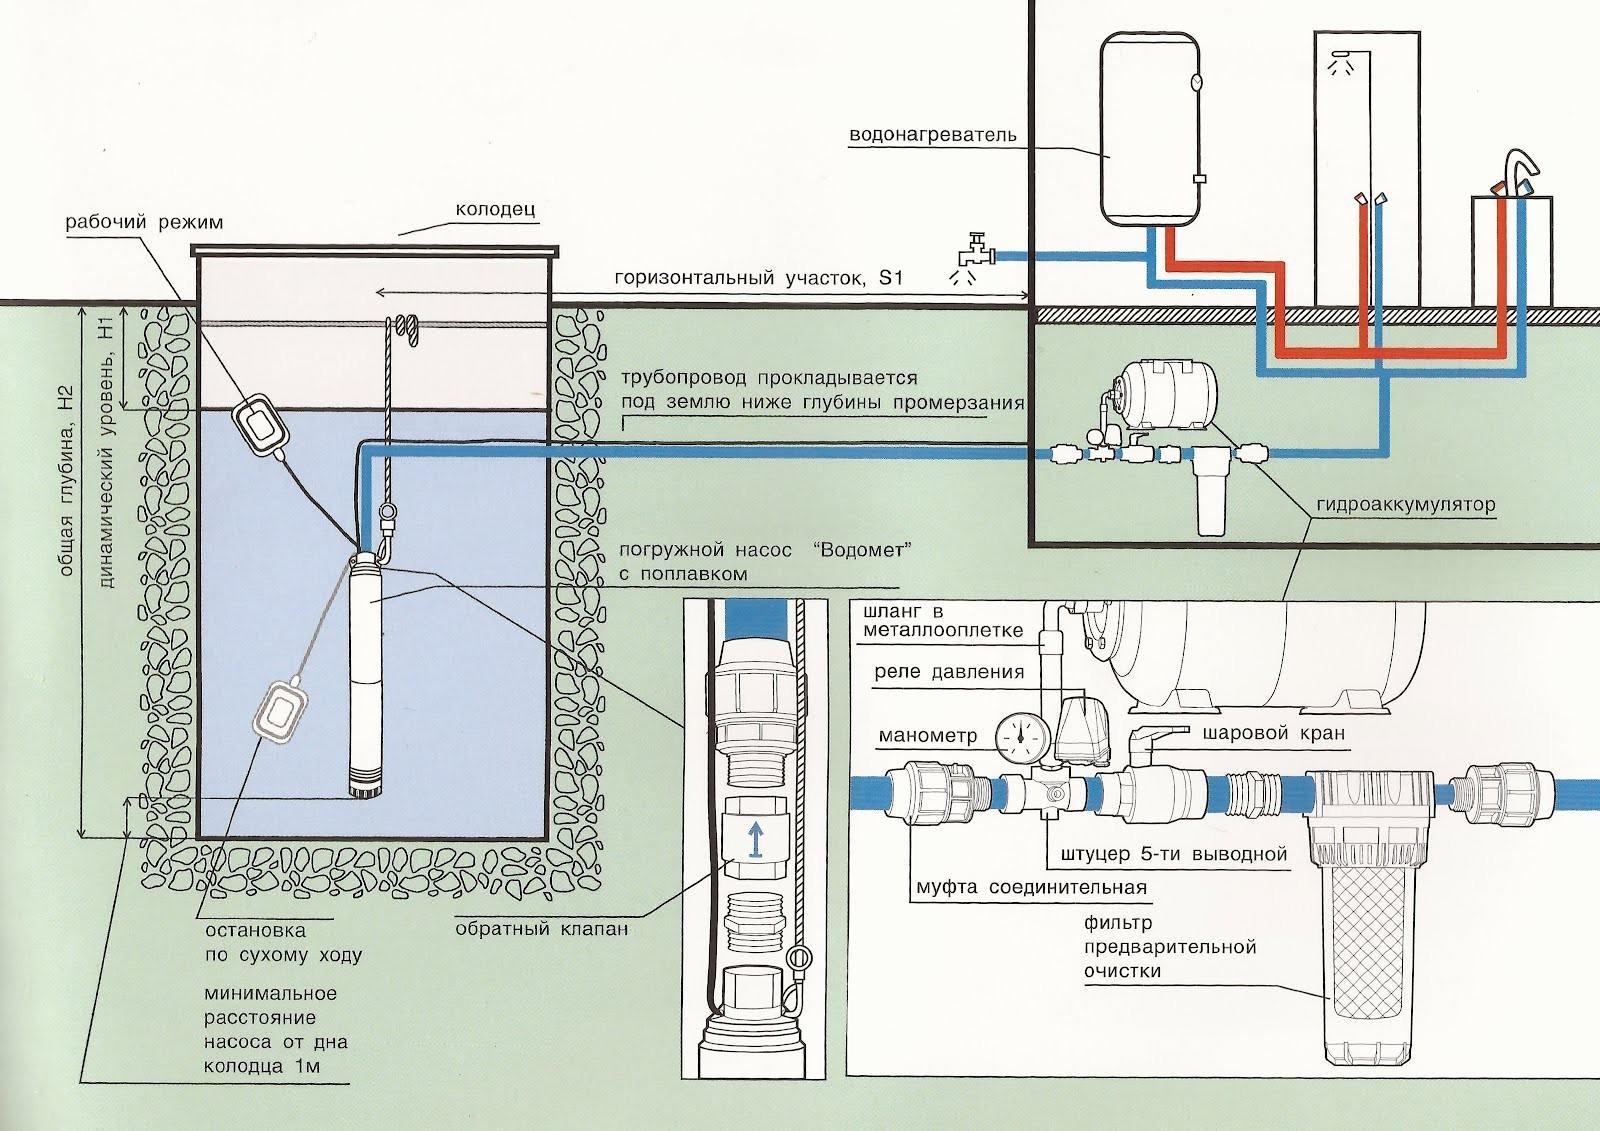 Схема водоснабжения частного дома с гидроаккумулятором фото 668